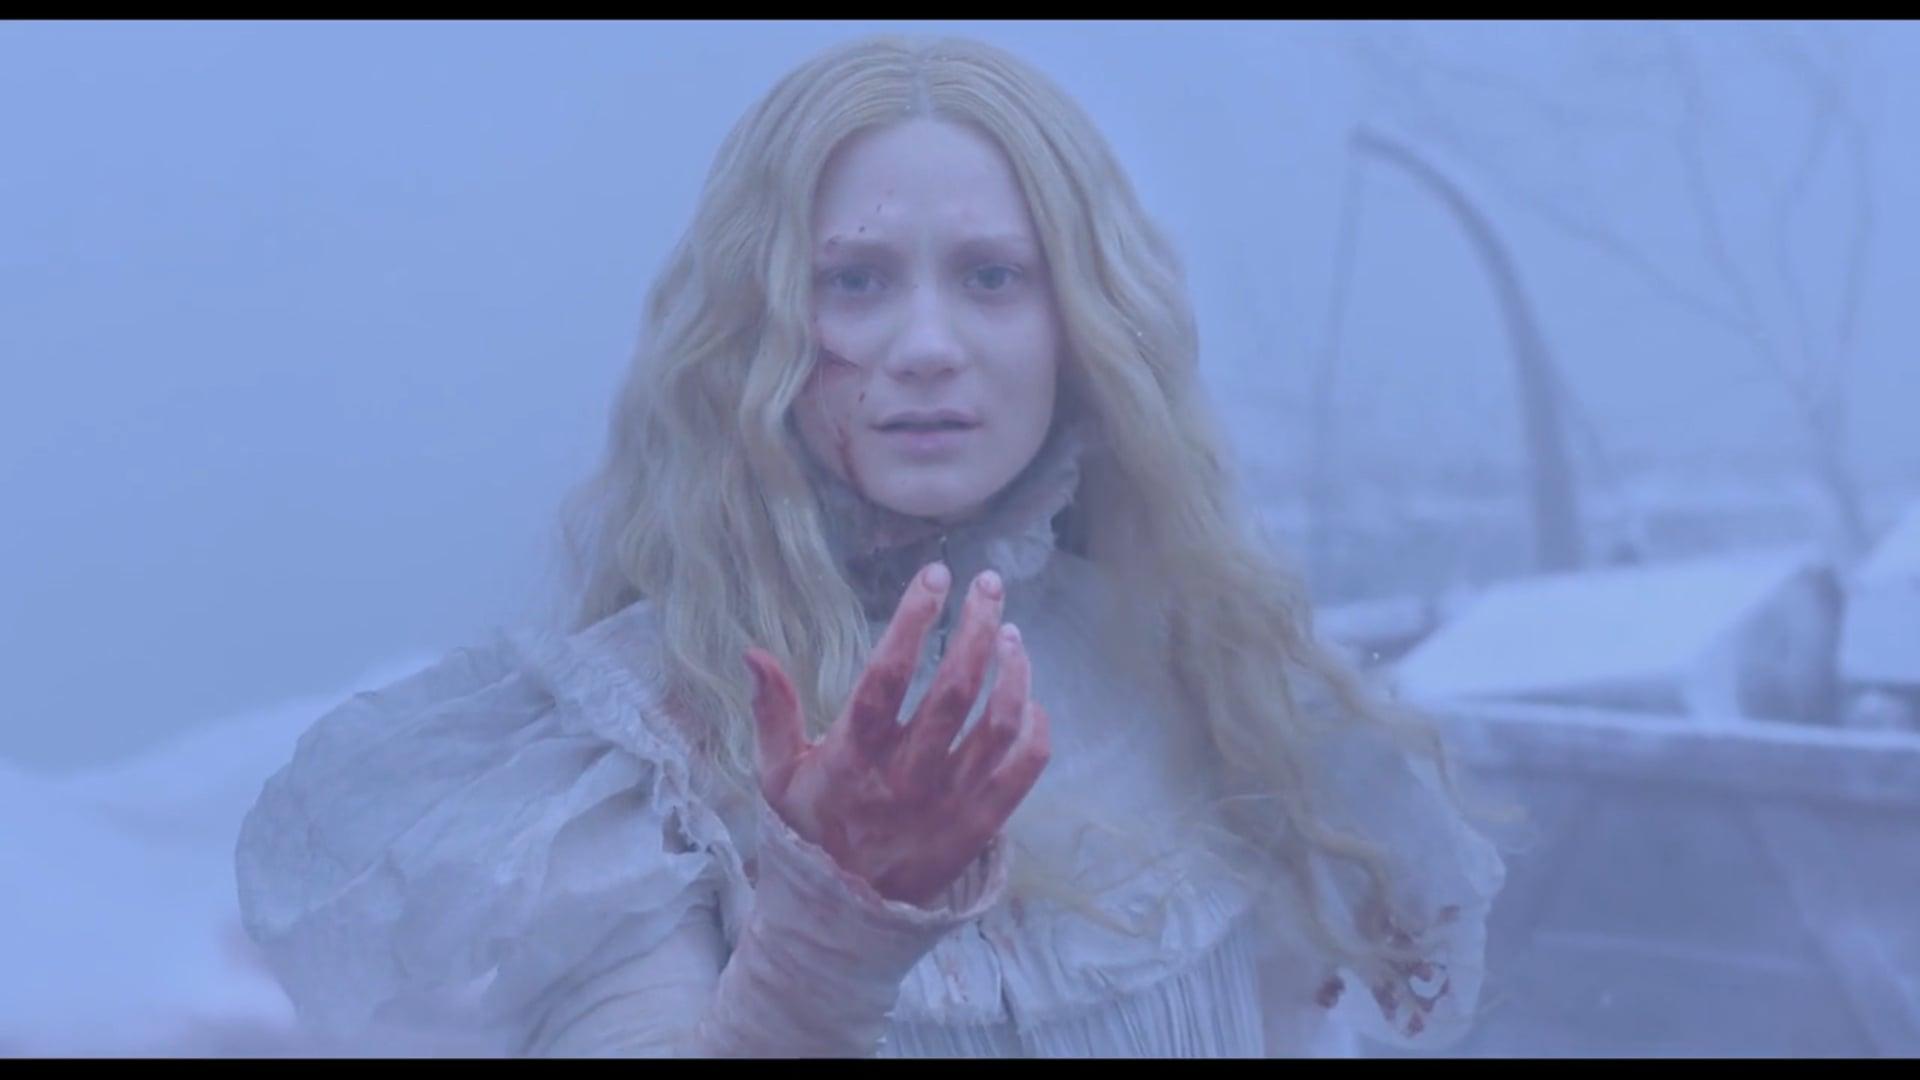 Crimson Peak: The Monster House & The Monstrous Feminine (Video essay)